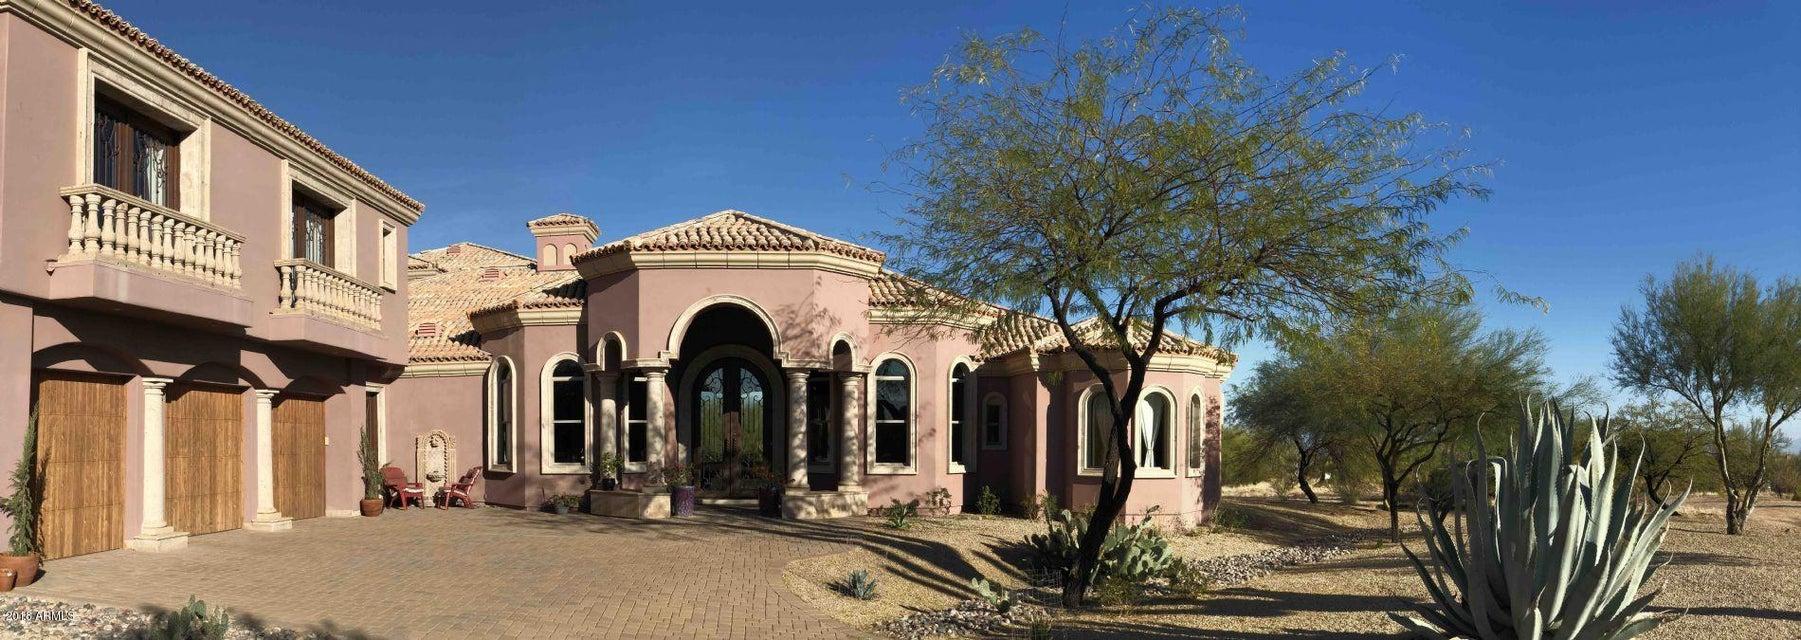 14106 E CAREFREE Highway, Scottsdale AZ 85262